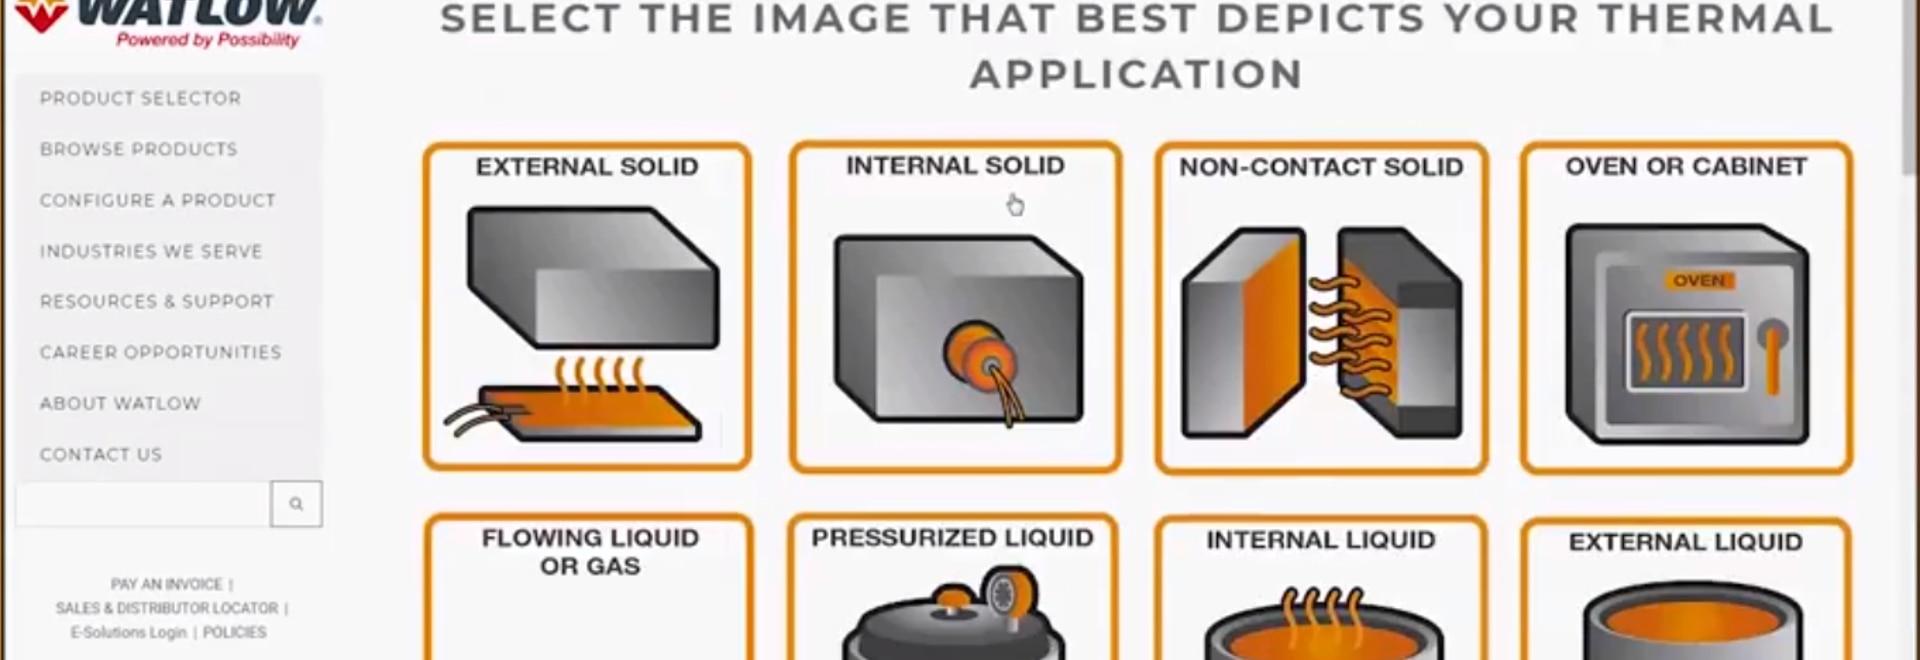 L'outil de configuration de produit a présenté